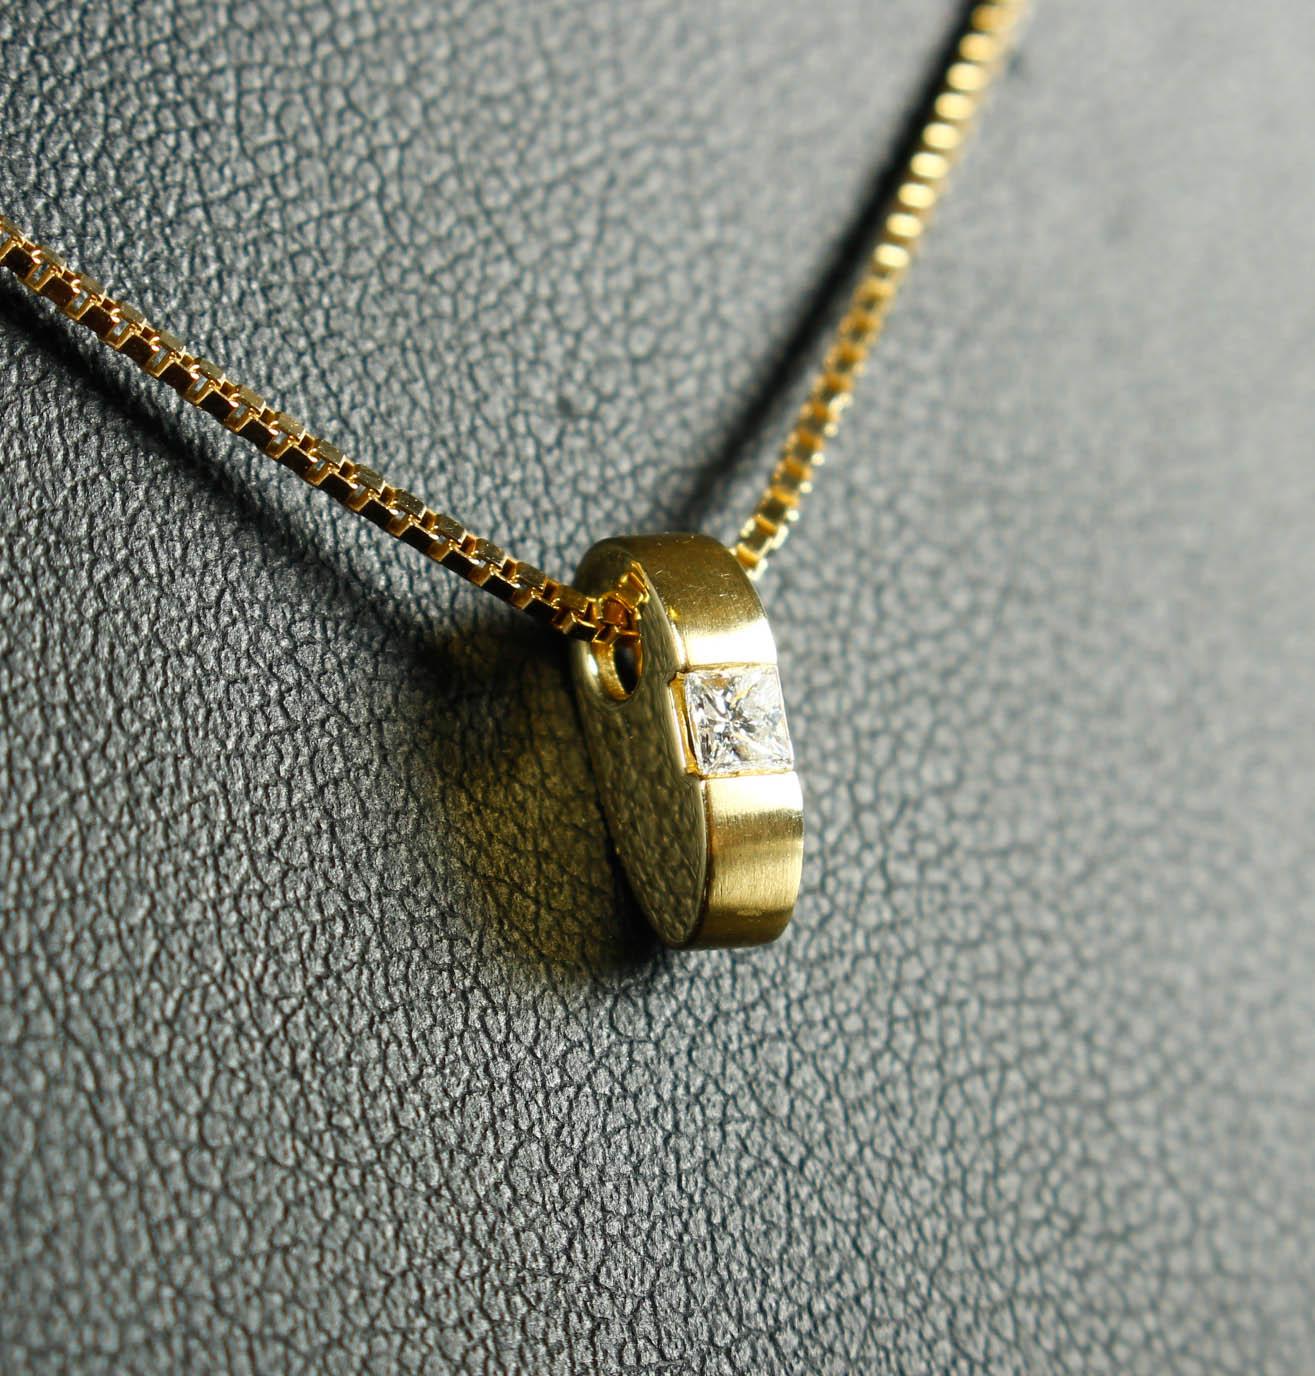 Br. Jensen. Brillantvedhæng, 14 kt. guld - Br. Jensen. Vedhæng af 14 kt. guld prydet med to brillanter på tilsammen 0.10 ct. Farve: Wesselton (H). Klarhed: Si1. H: 21 mm. Medfølges af Veneziakæde på 42 cm . fremstillet af forgyldt sterlingsølv. Vejledende udsalgspris: kr. 5.900.-